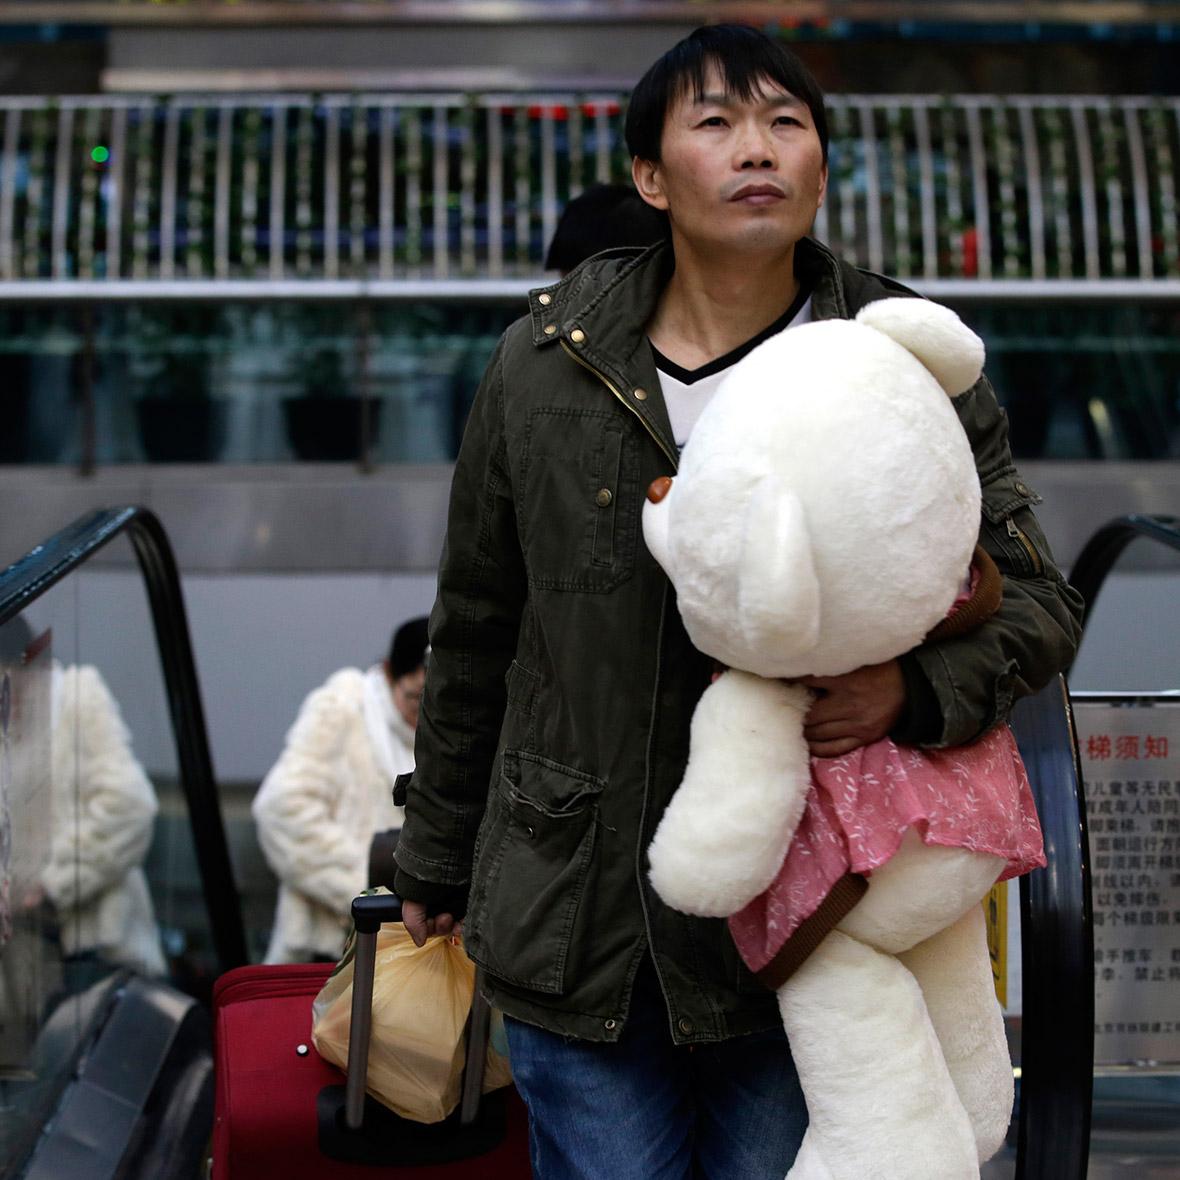 Chinese New Year travel